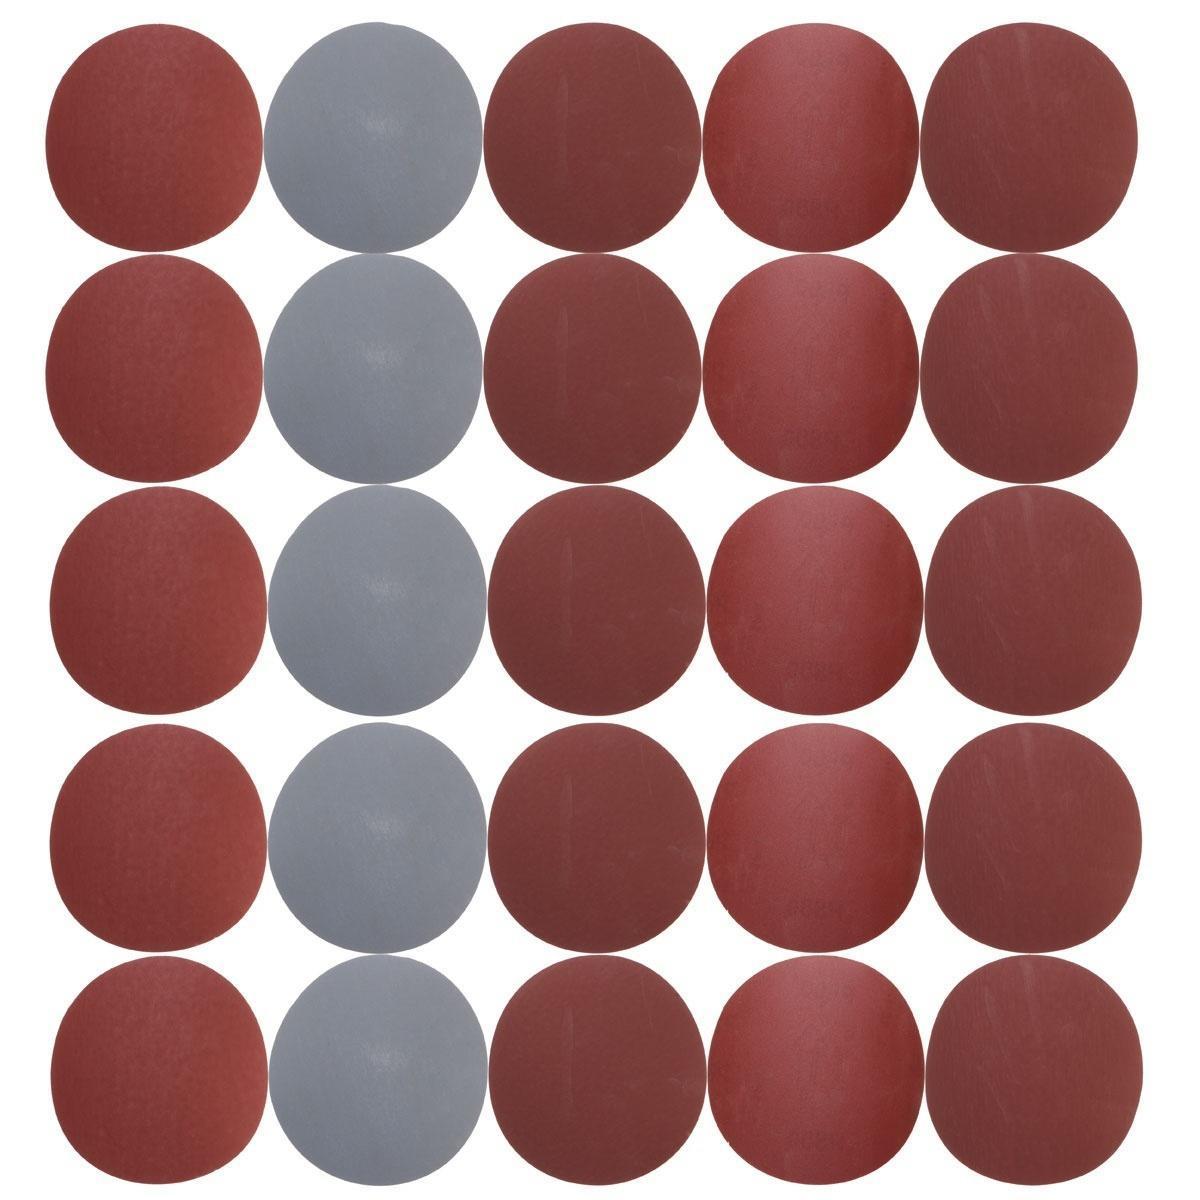 25PCS 5» дюймовый круглый наждачной бумаги диска песка листы Грит 800/1000/1500/2000/3000 новых россия шк в ярославле 25 5